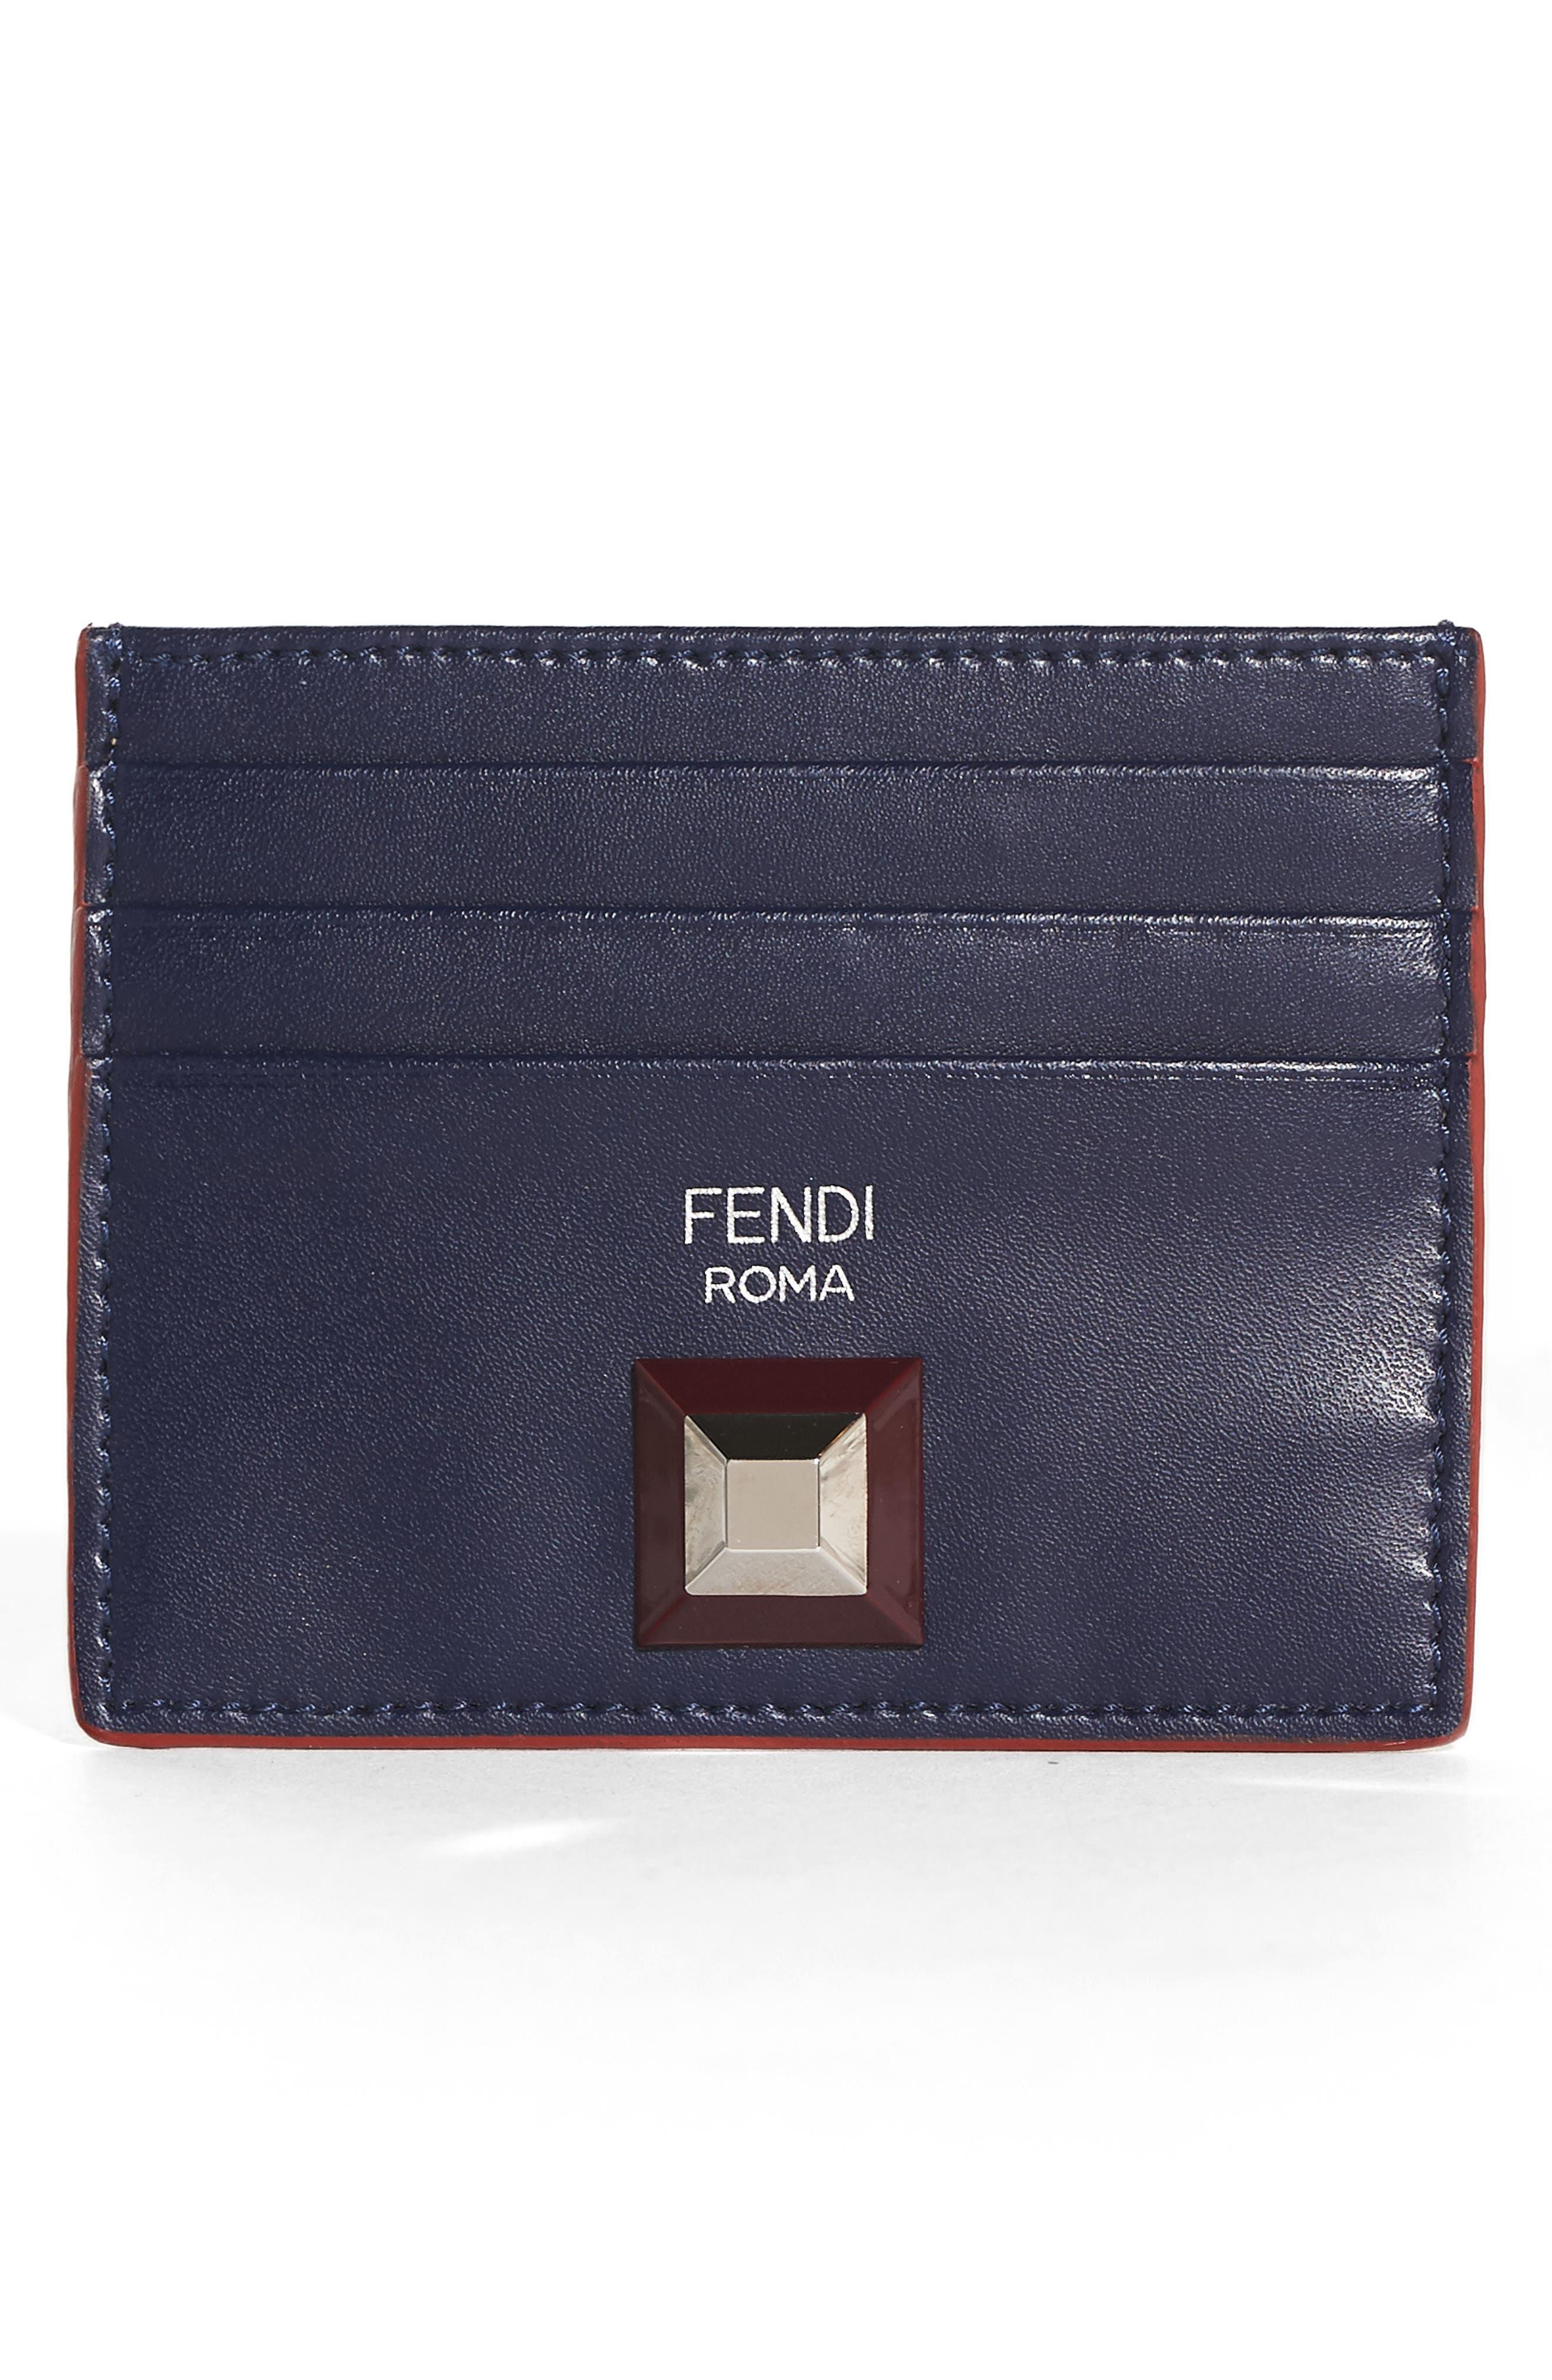 Fendi Rainbow Stud Leather Card Case